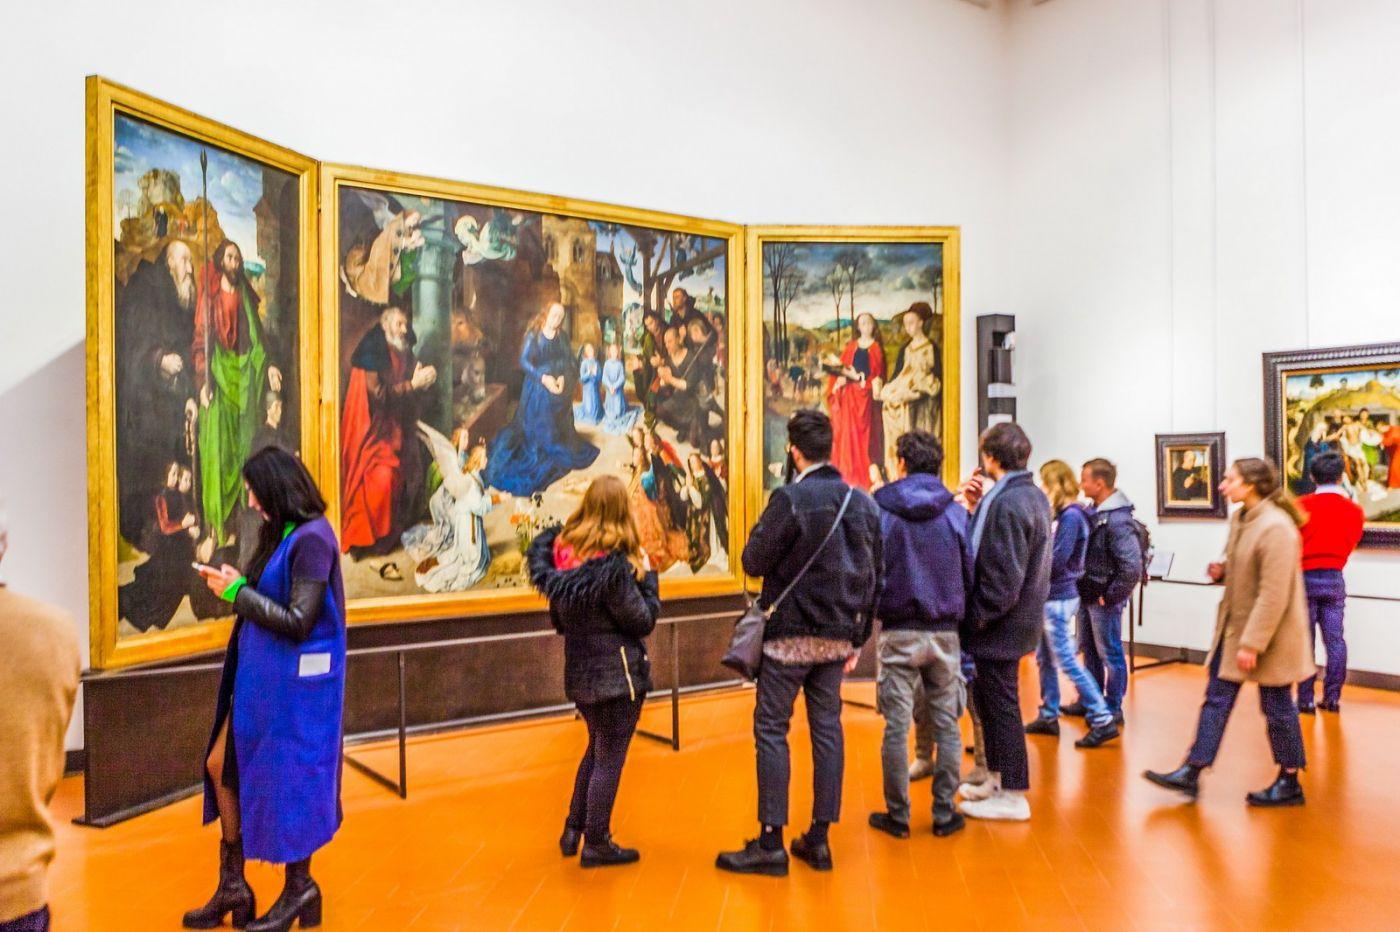 意大利佛罗伦斯乌菲兹美术馆, 藏品大展_图1-9